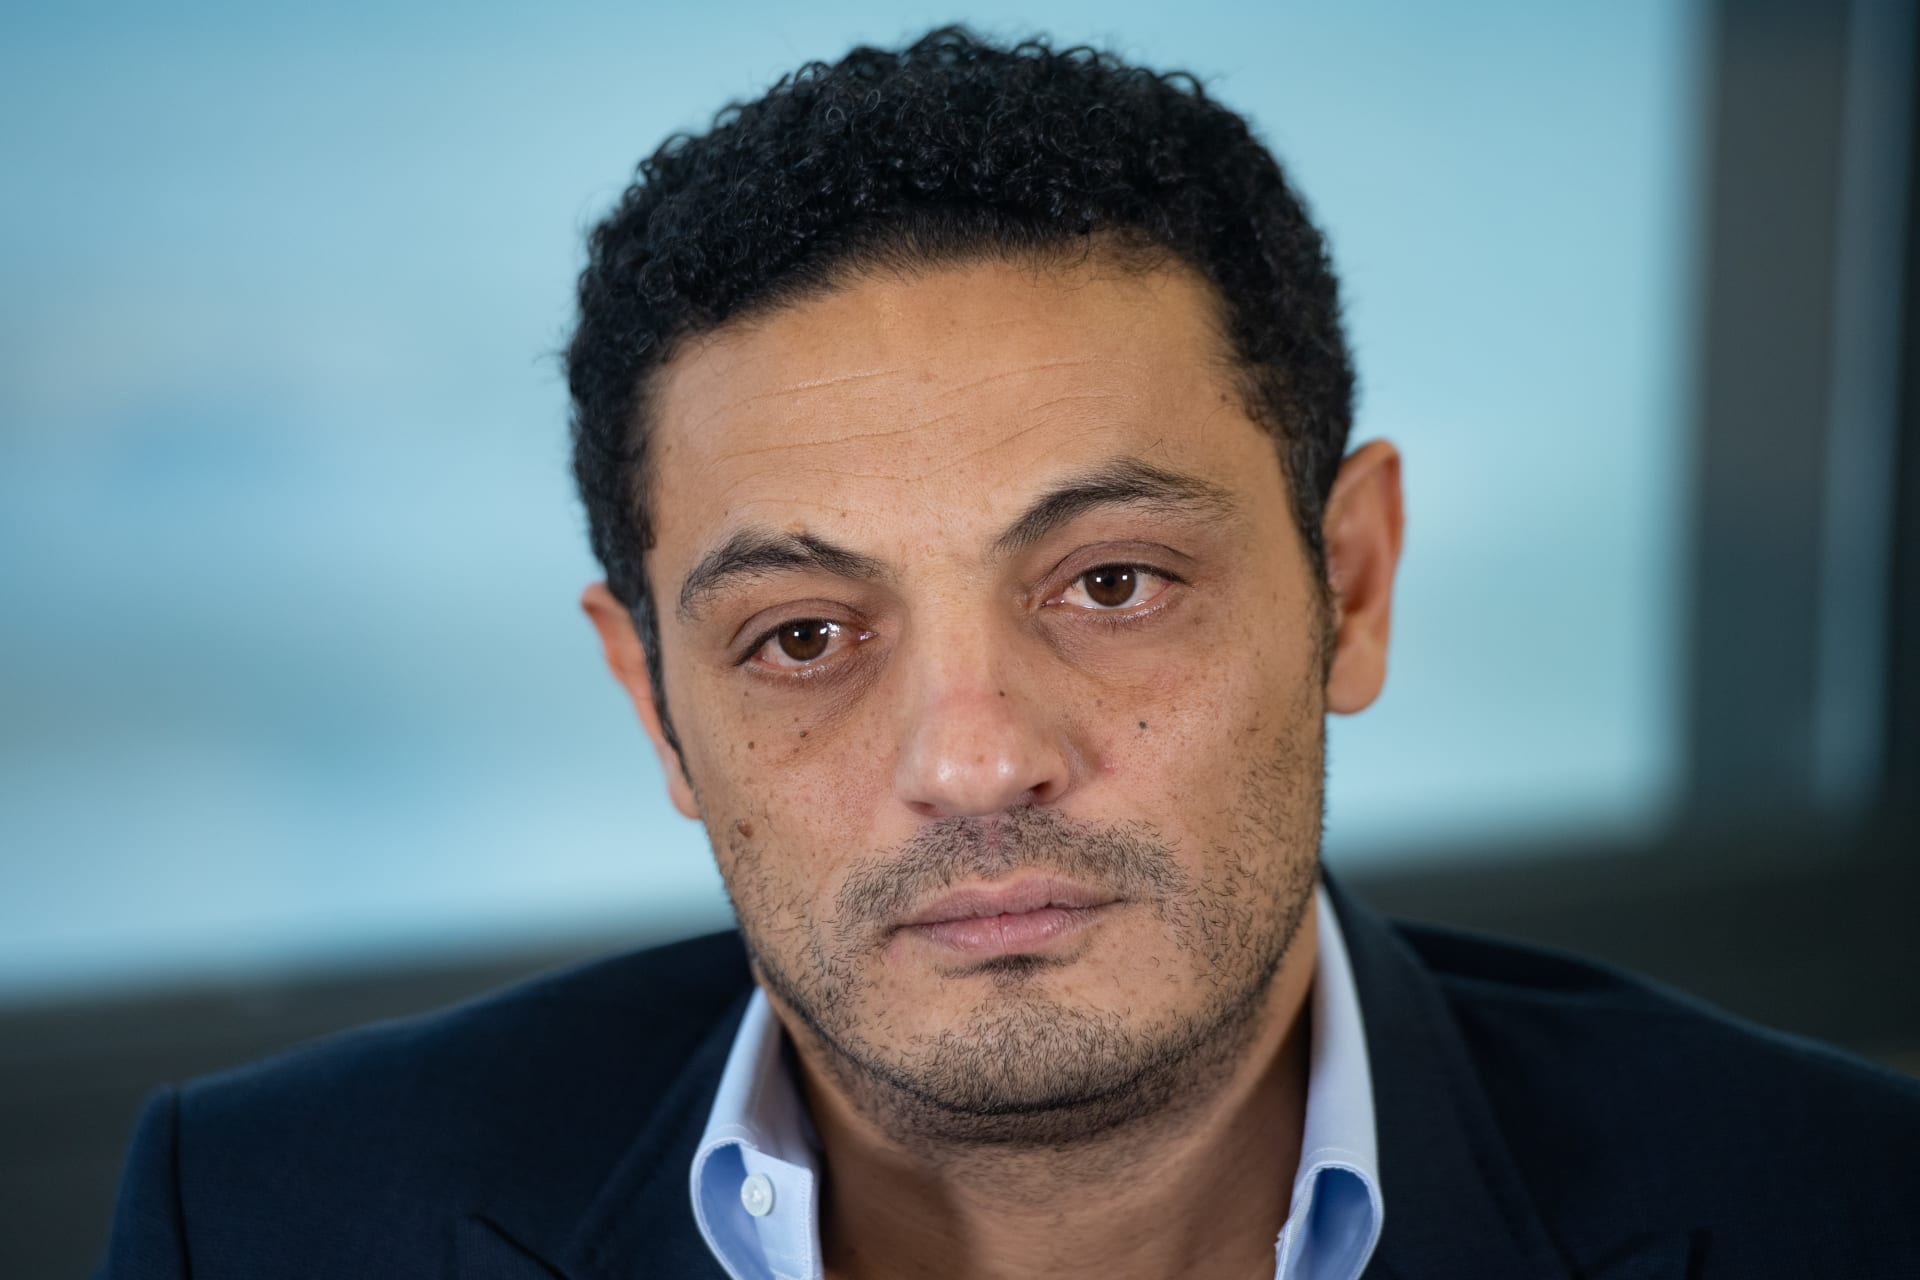 رجل الأعمال والممثل المصري محمد علي